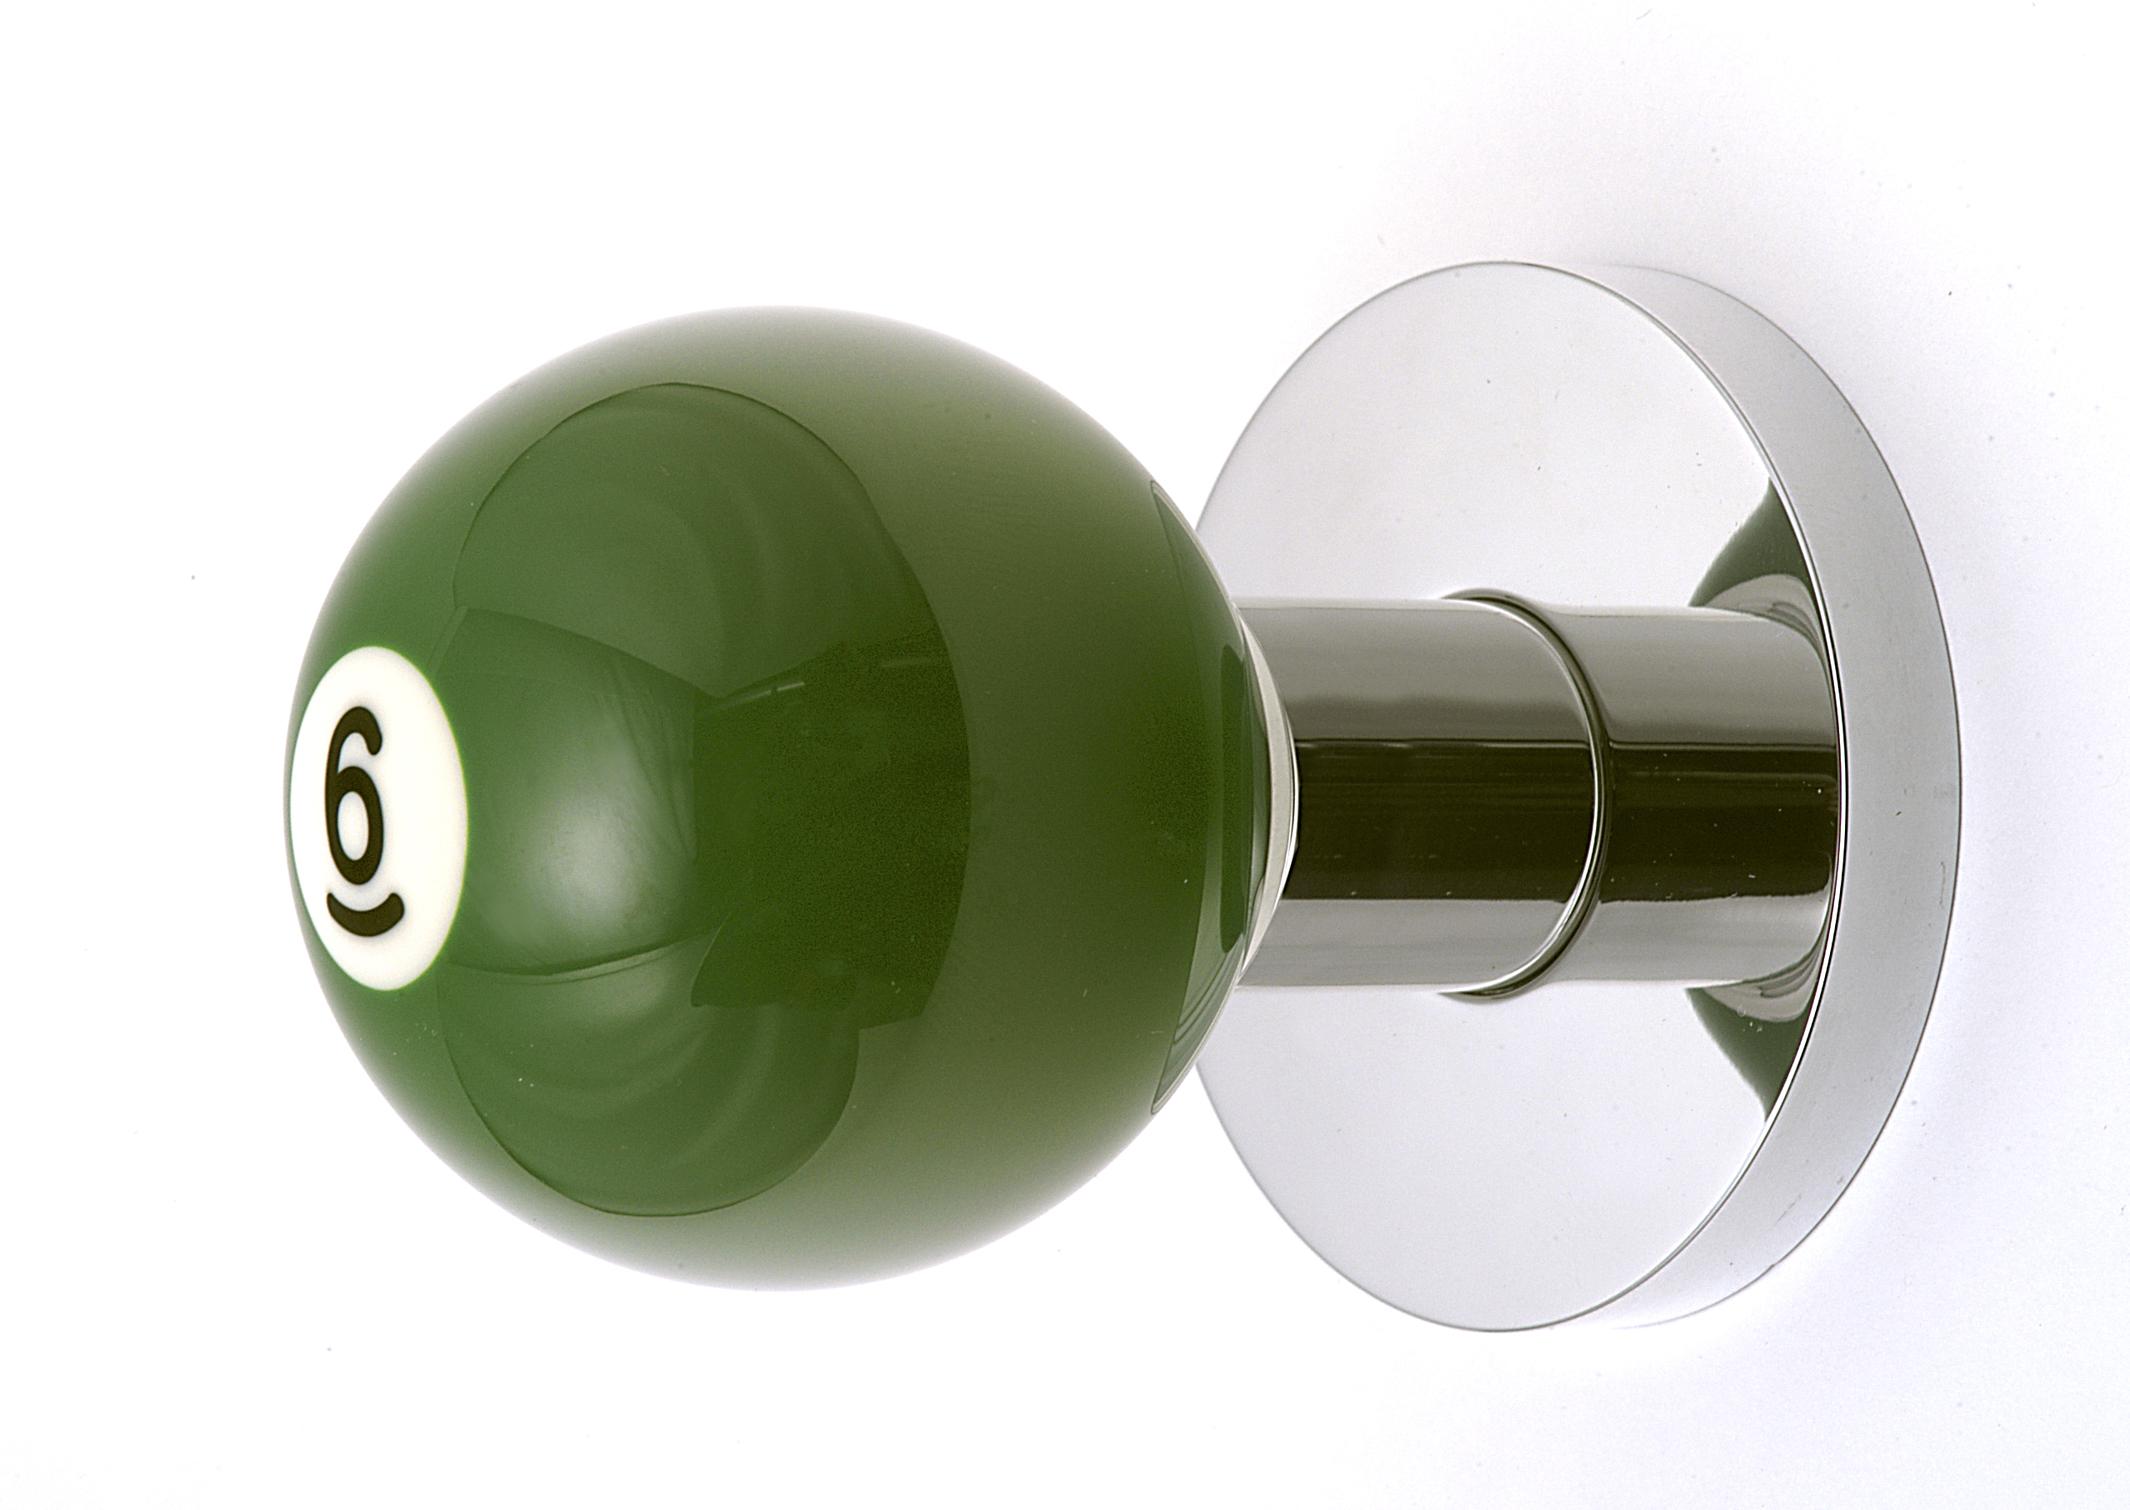 green door knobs photo - 8